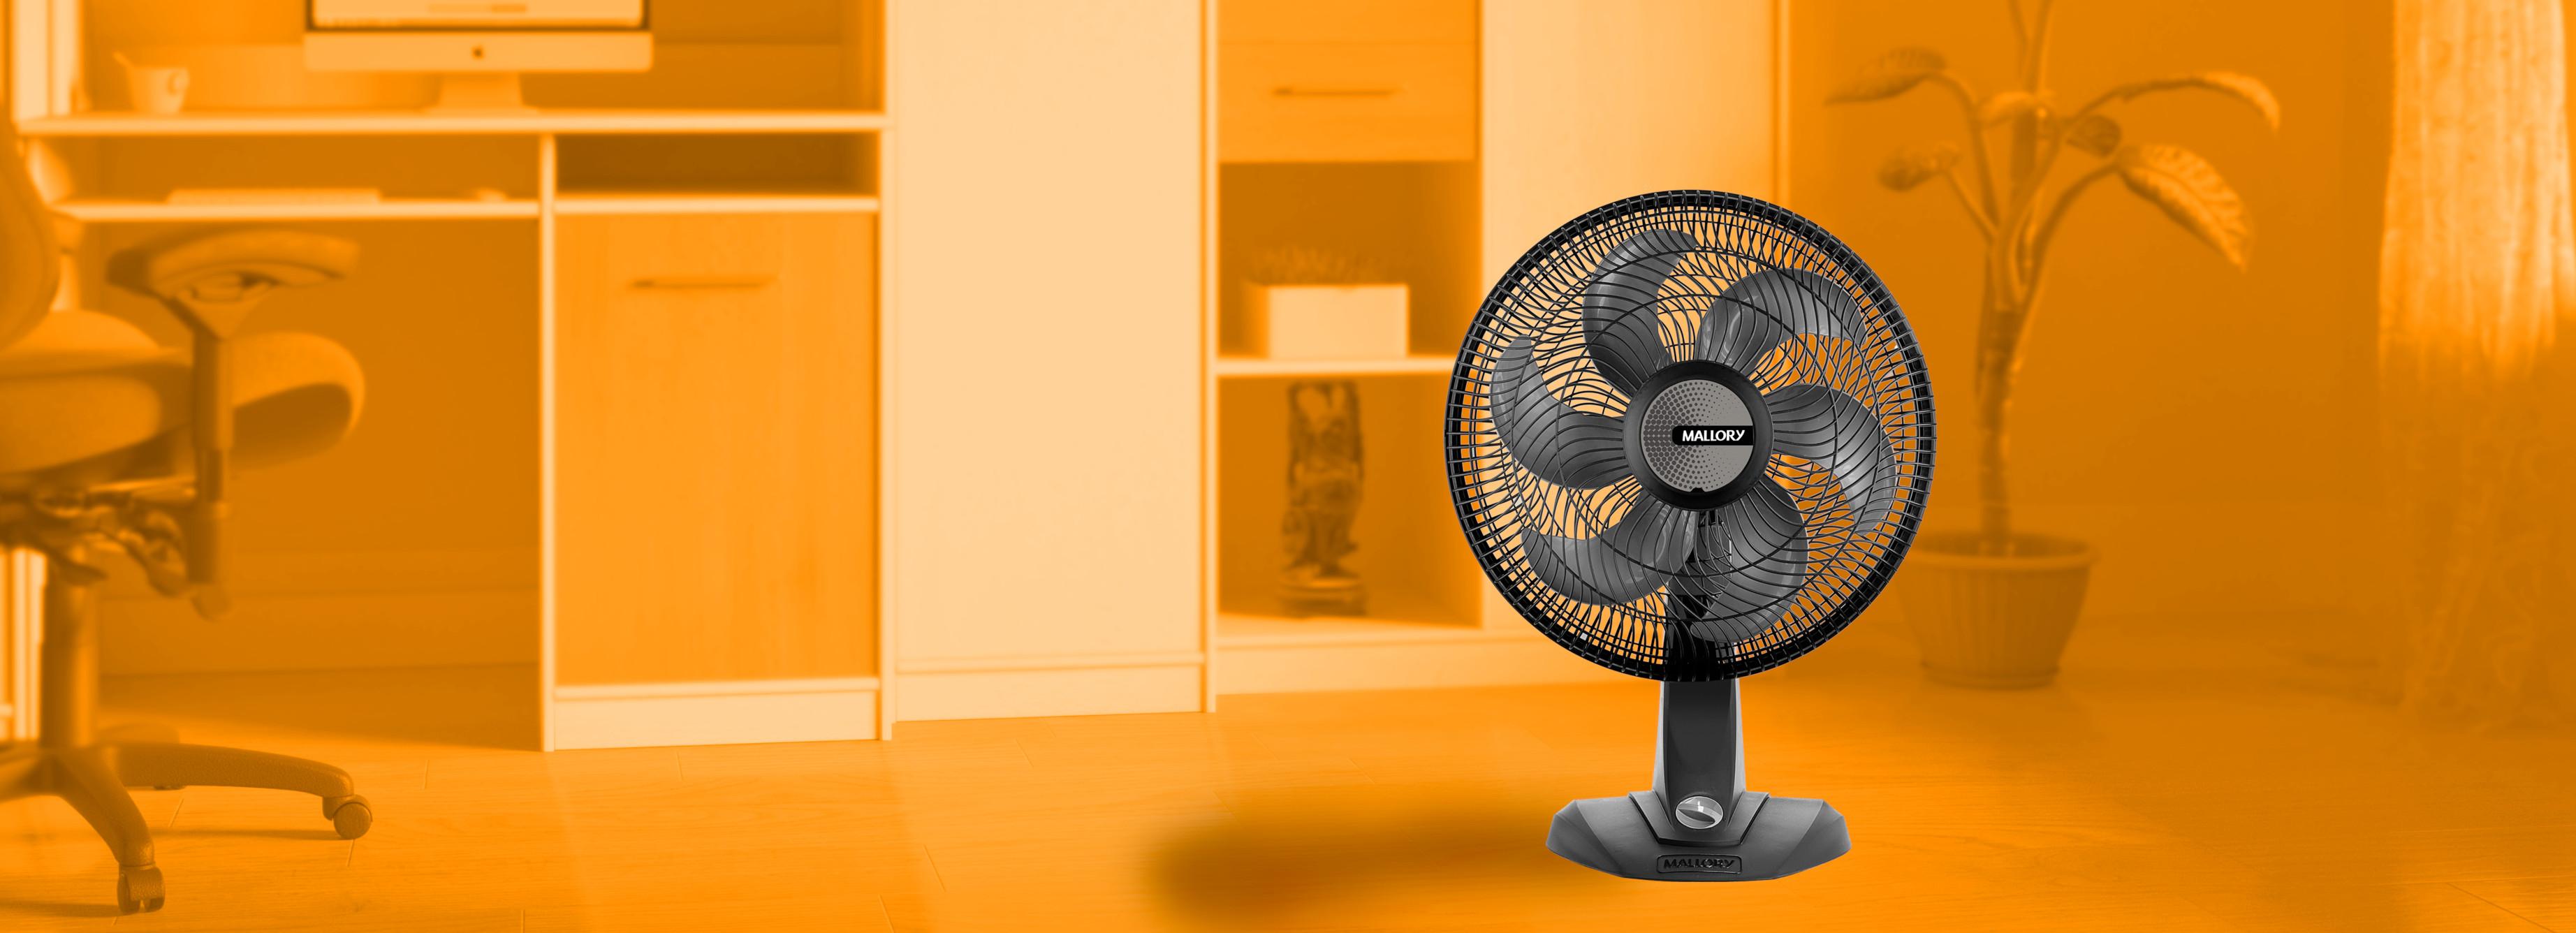 Ventilador Mallory Olimpo TS, 6 Pás, 40cm, Preto - B9440089